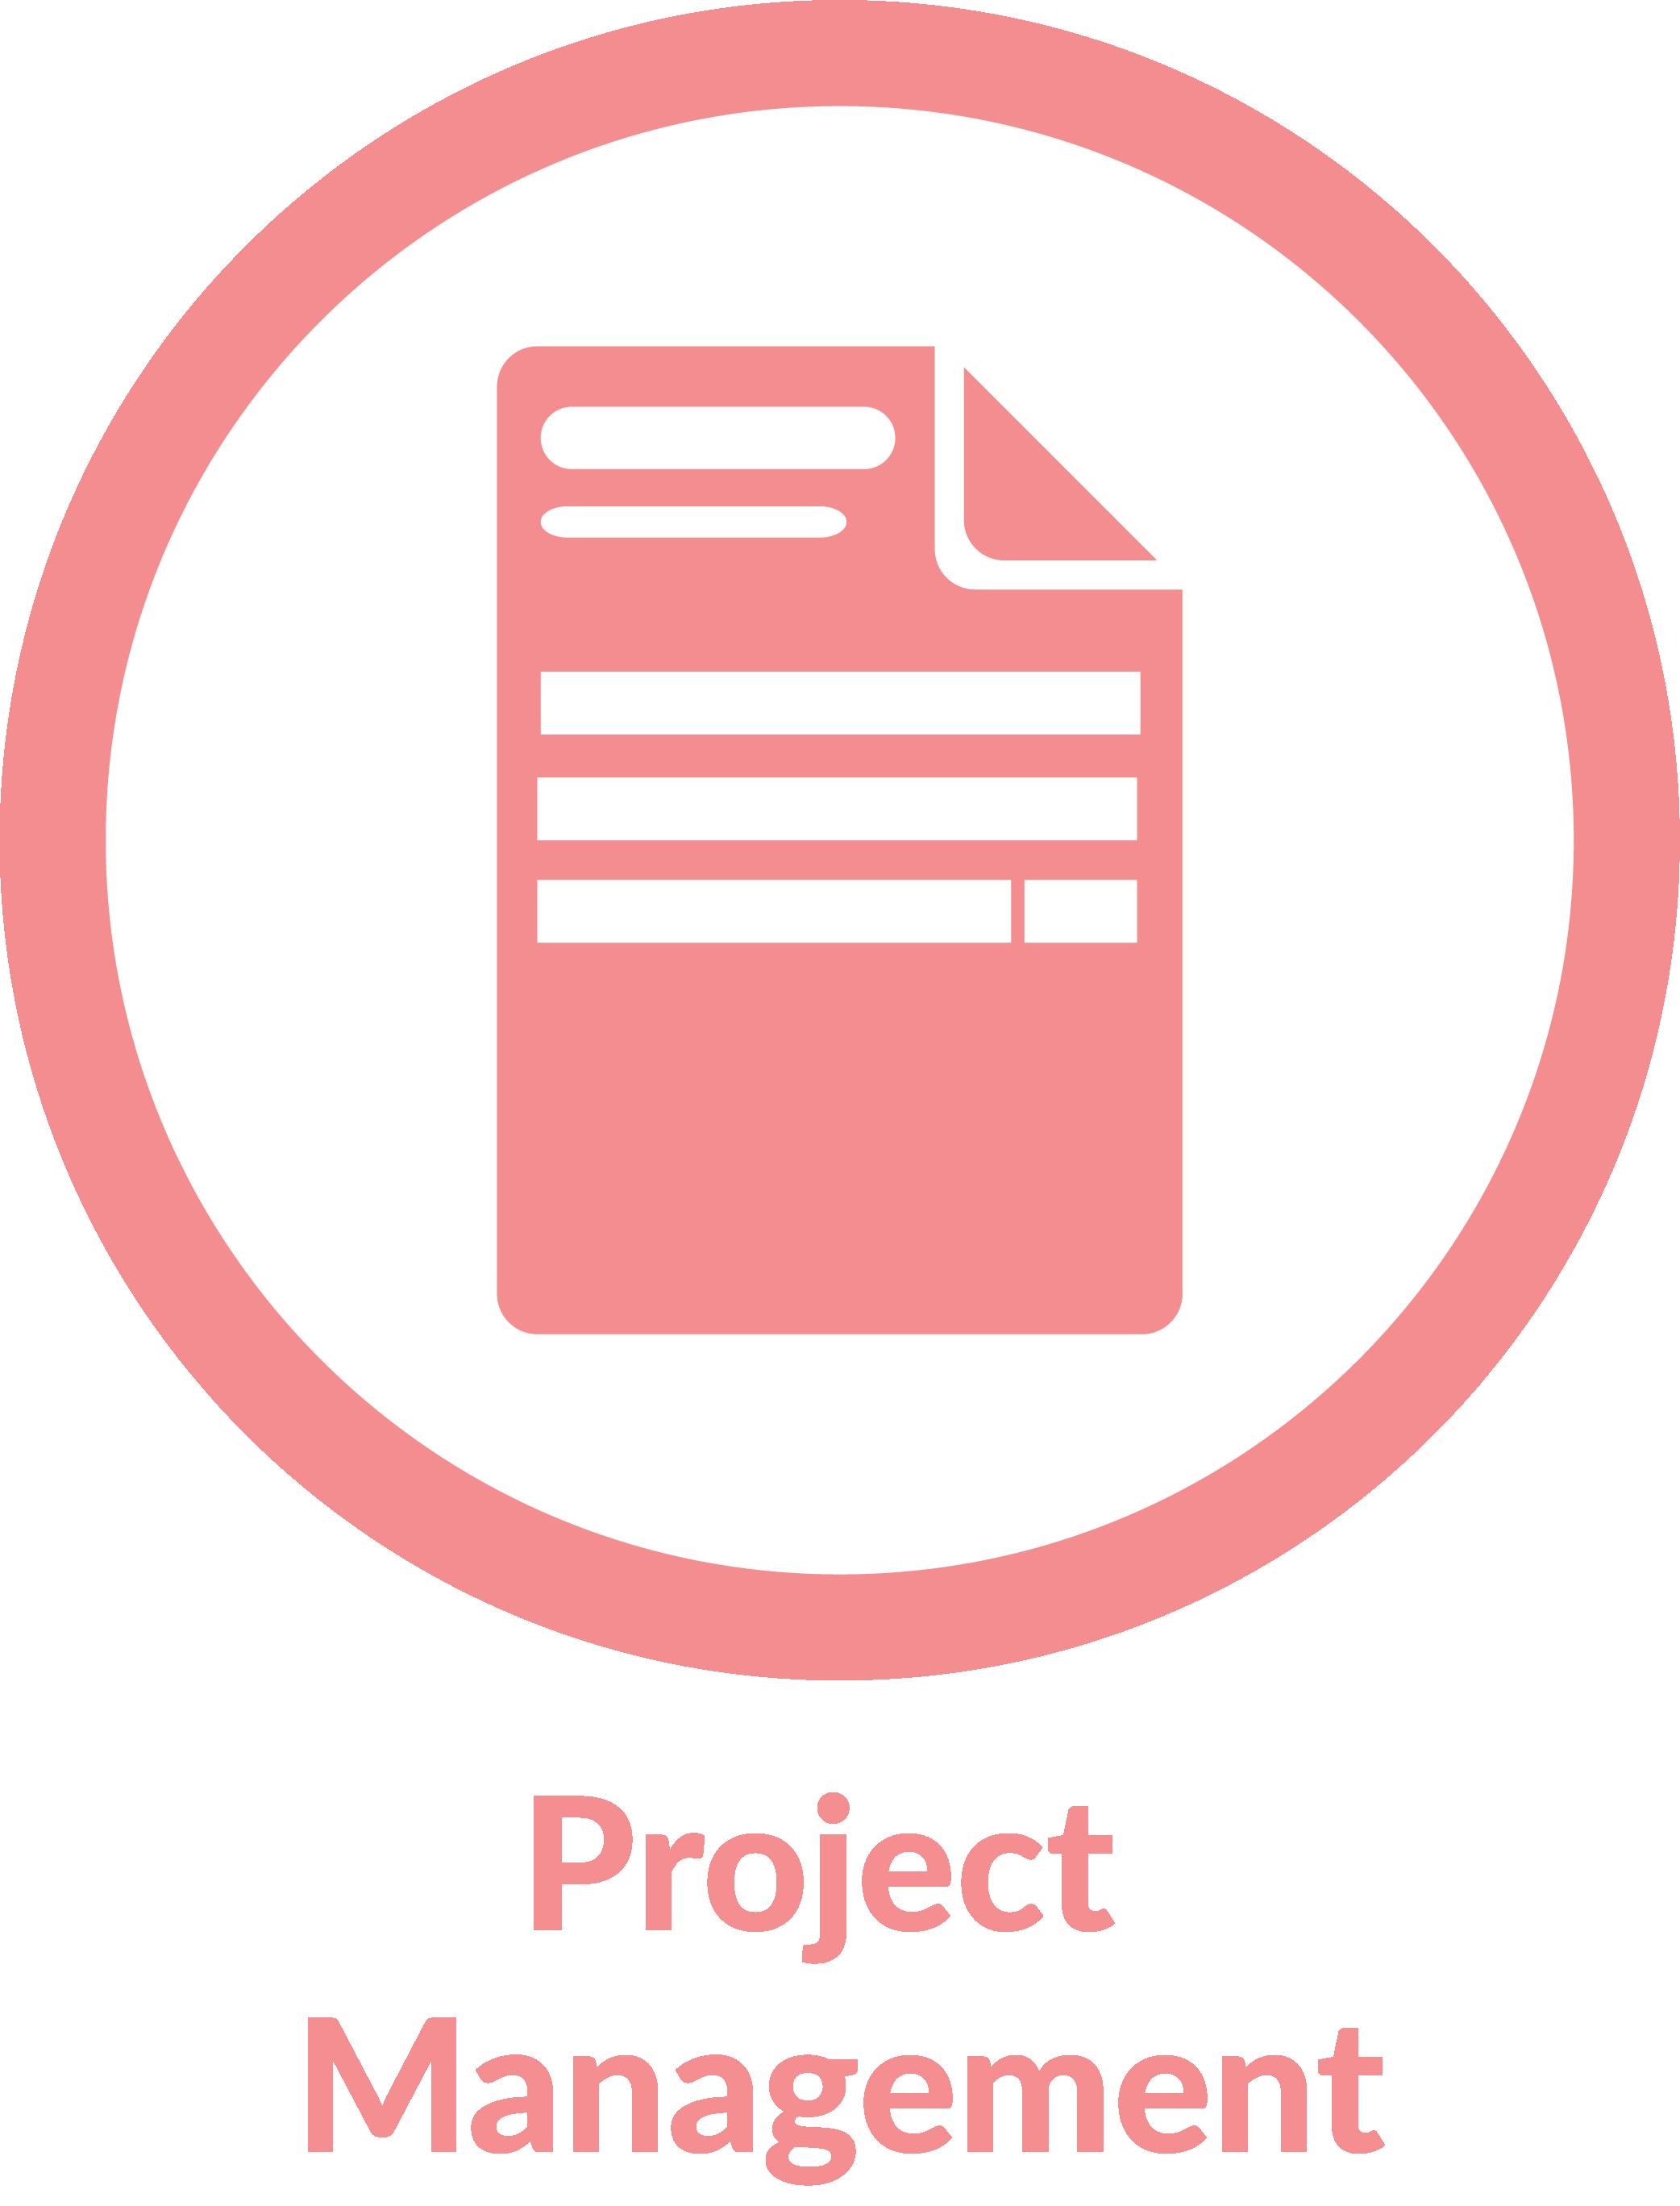 Super Admin logo Proj. management text